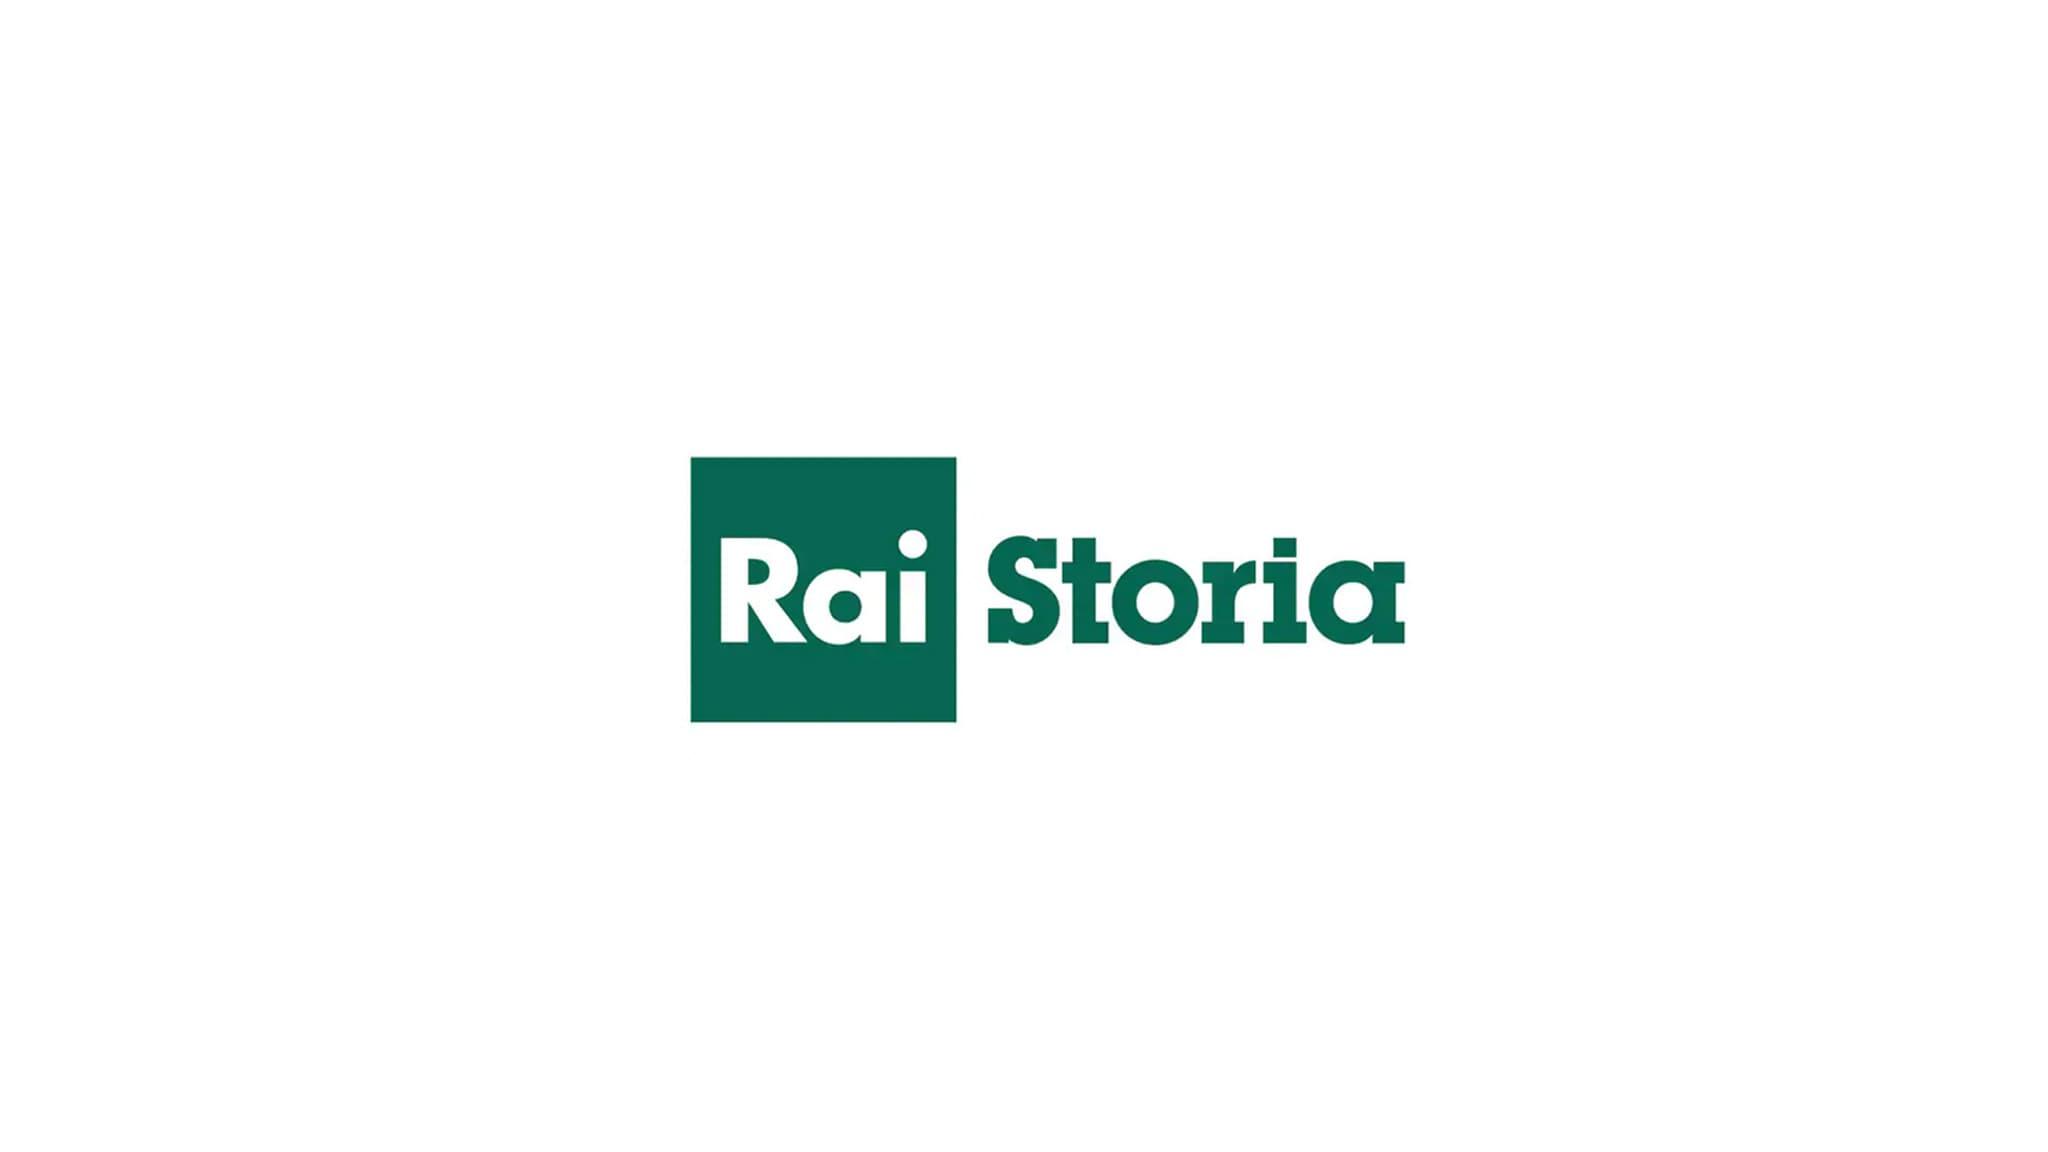 Rai Storia The Peron identity